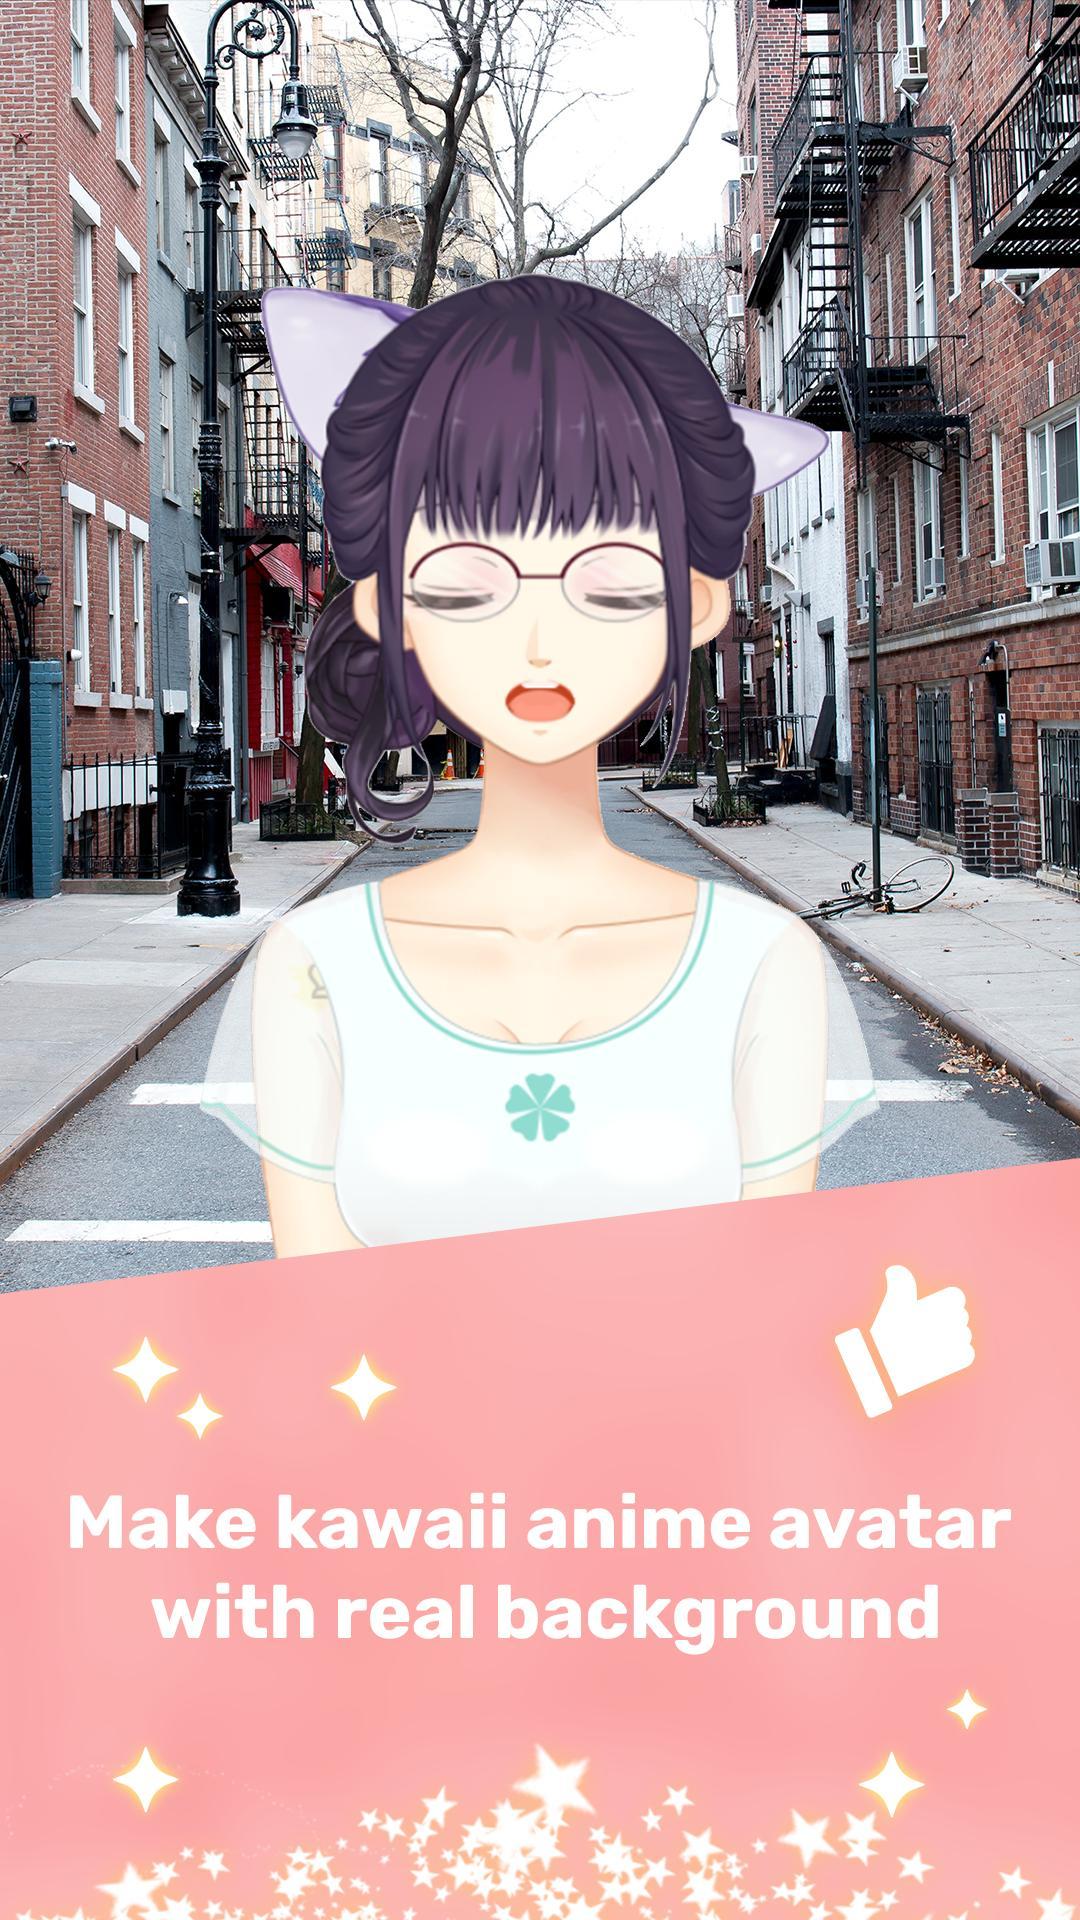 Anime Maker Full Body Avatar Factory Boys  Girls For -1548